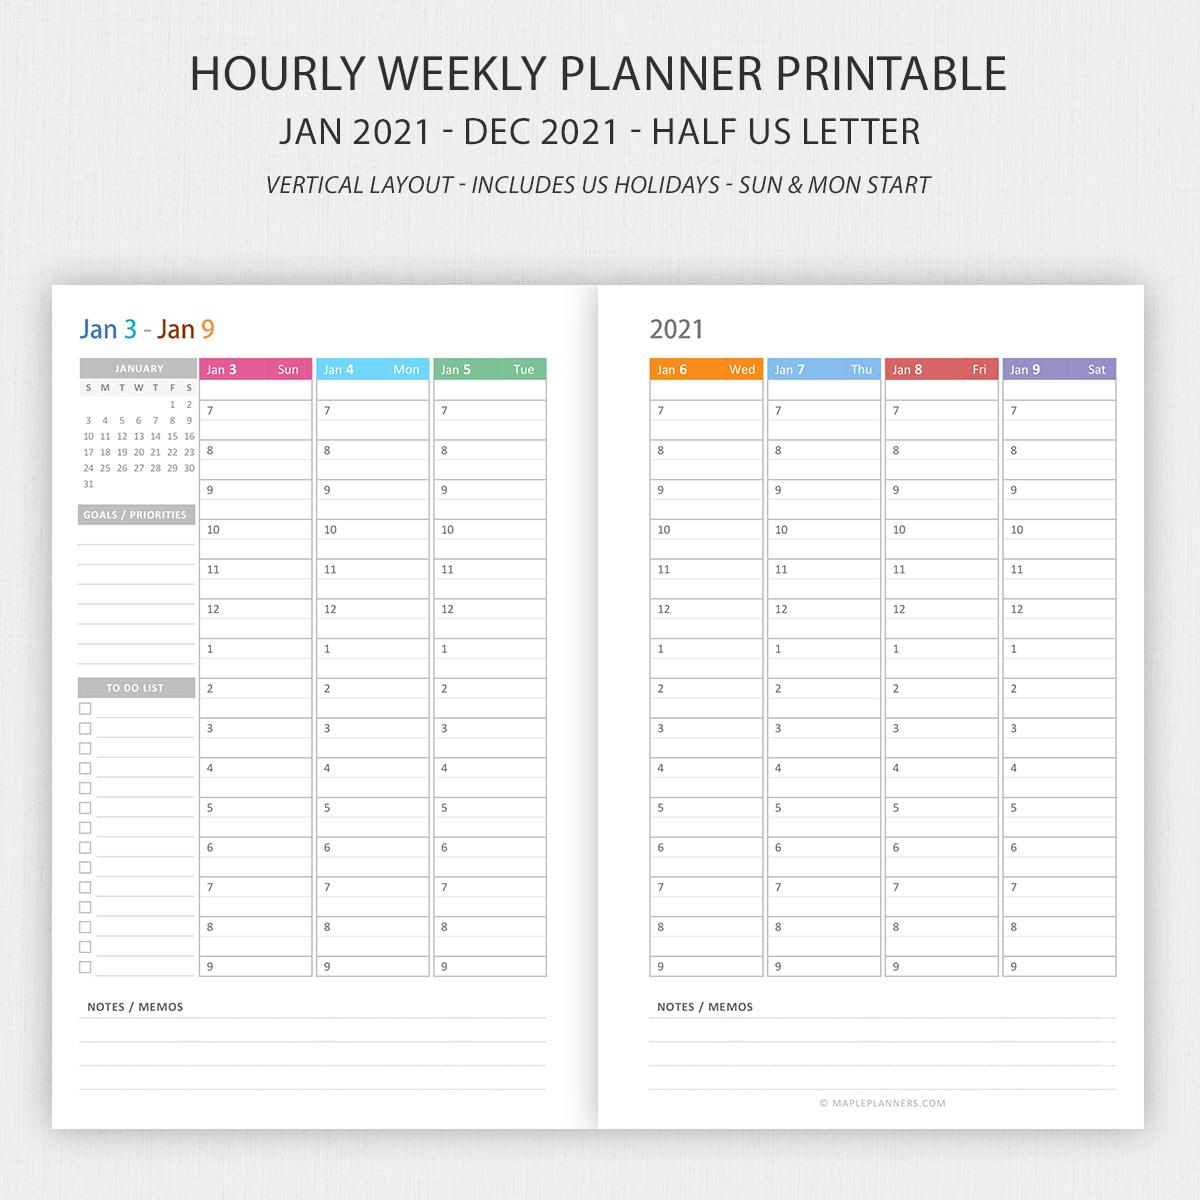 Half Letter Vertical Weekly Planner 2021 Printable 1